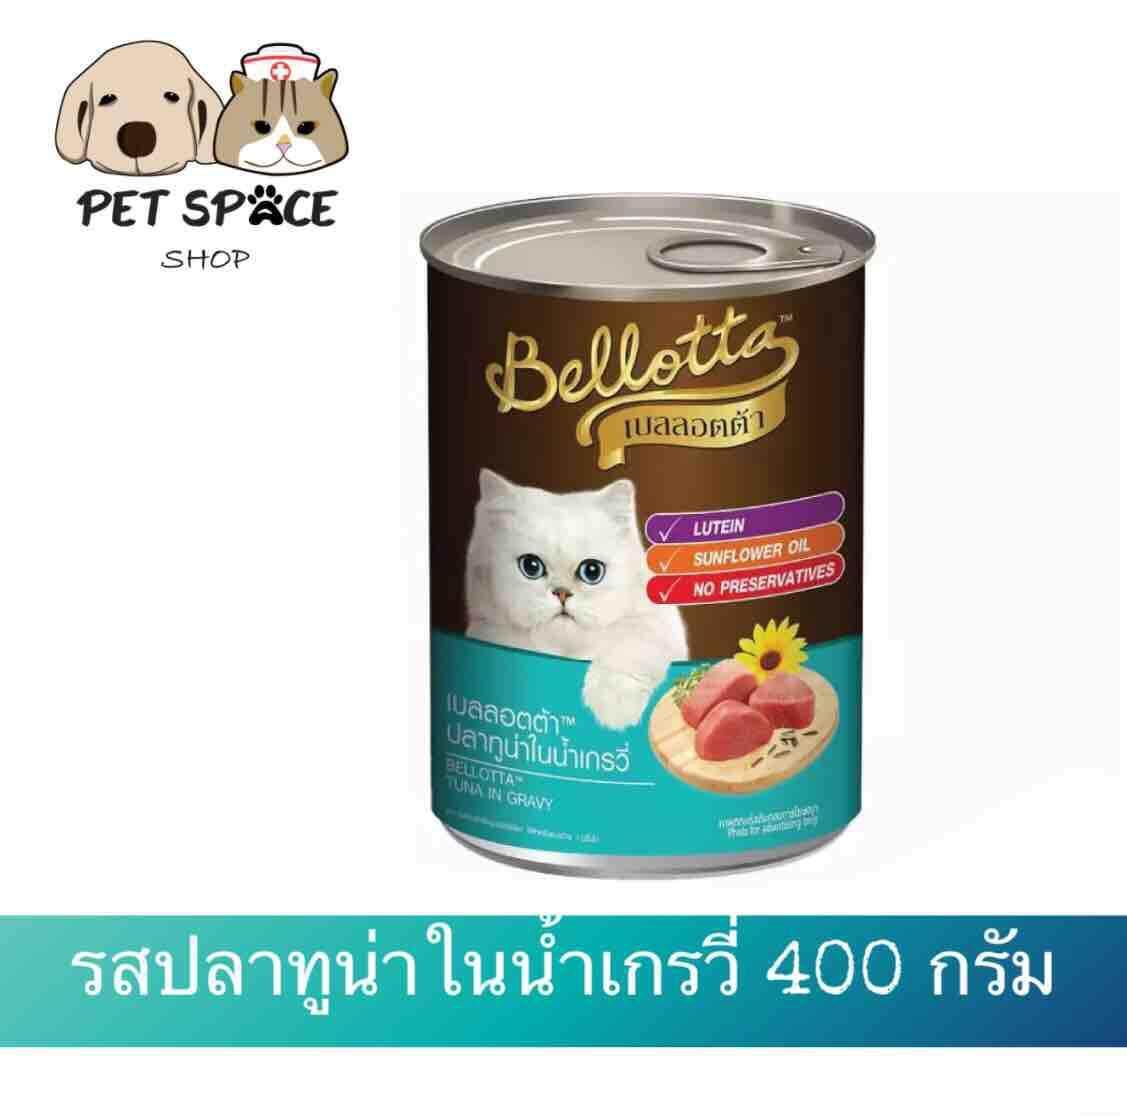 Bellotta อาหารแมวเปียกกระป๋อง 400g (ปลาทูน่าในน้ำเกรวี่) By Petspace.